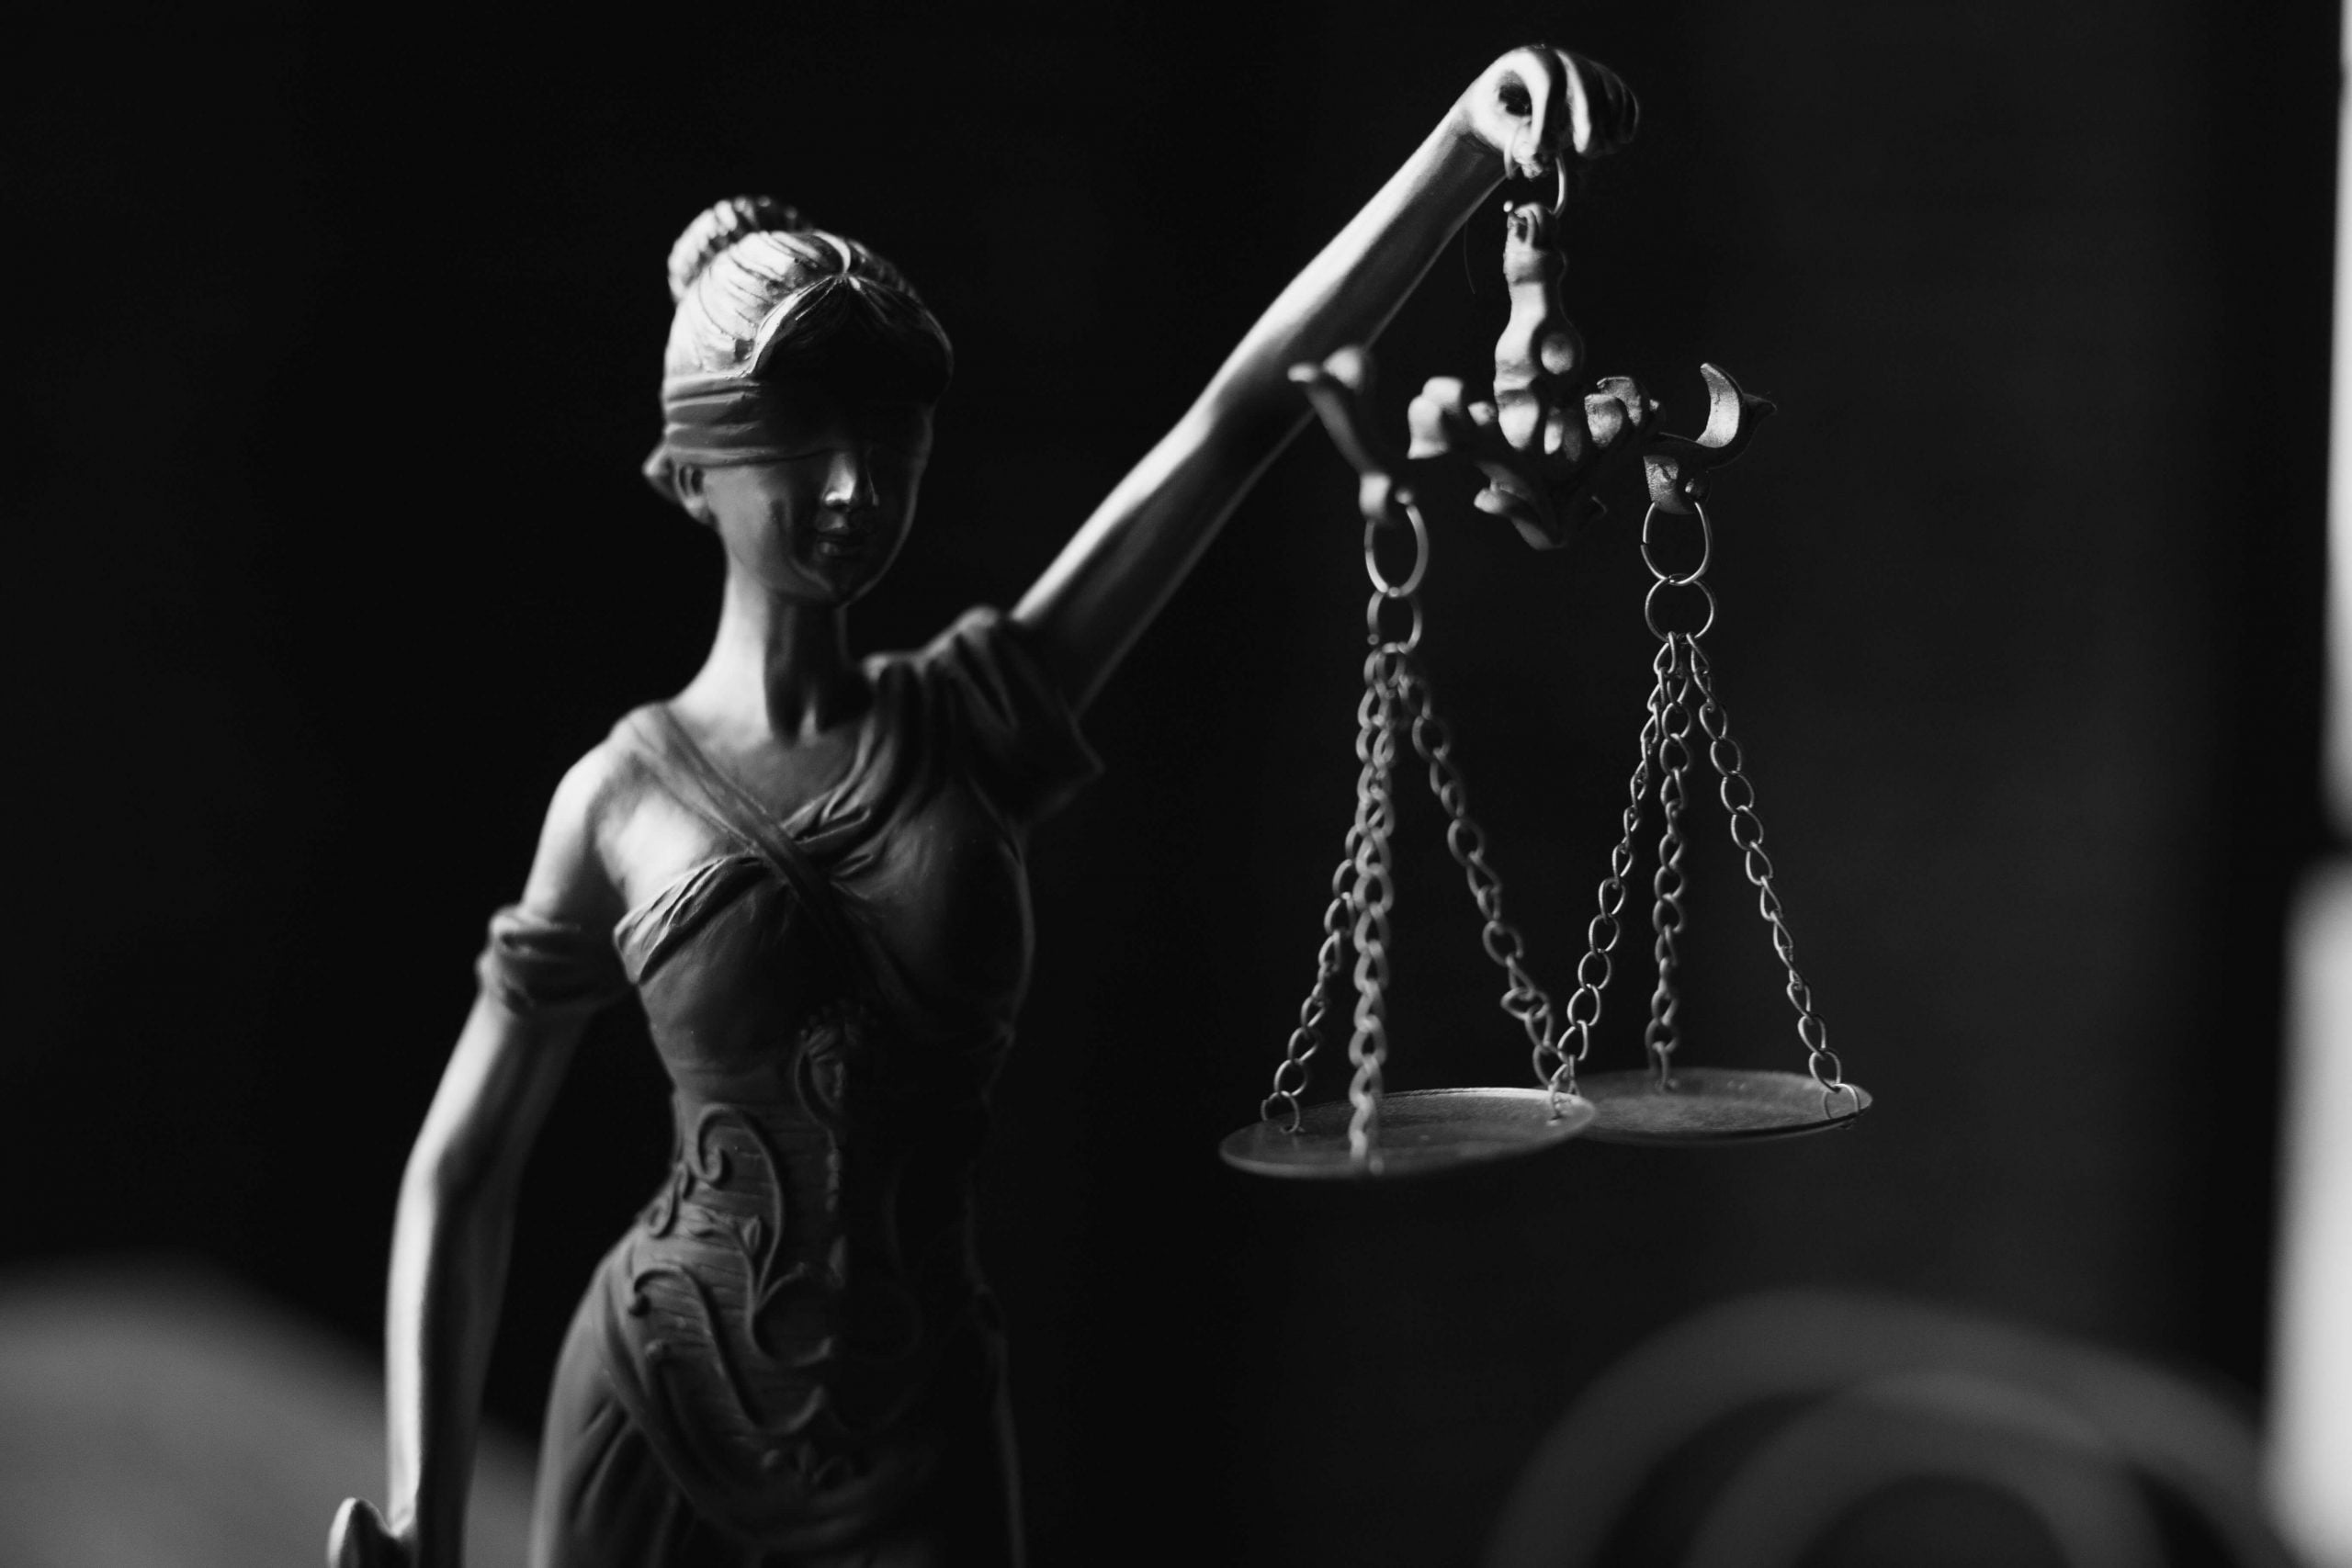 balance justicia para saber quien suele ganar los juicios laborales